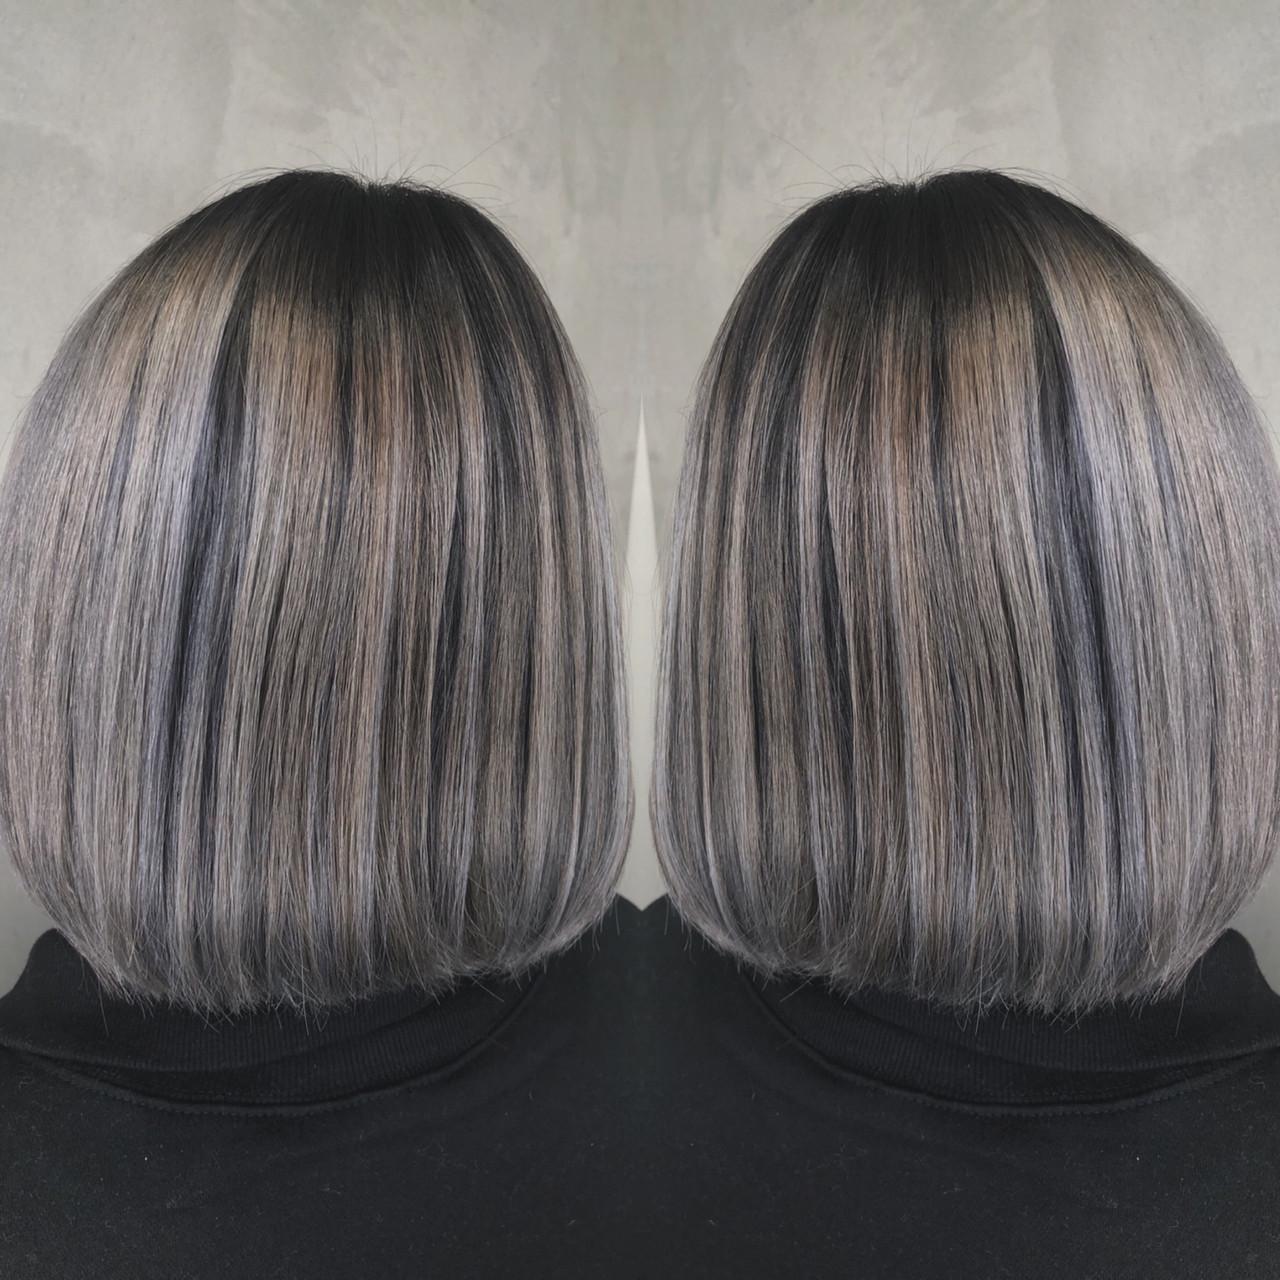 グラデーションカラー バレイヤージュ ボブ 外国人風カラーヘアスタイルや髪型の写真・画像